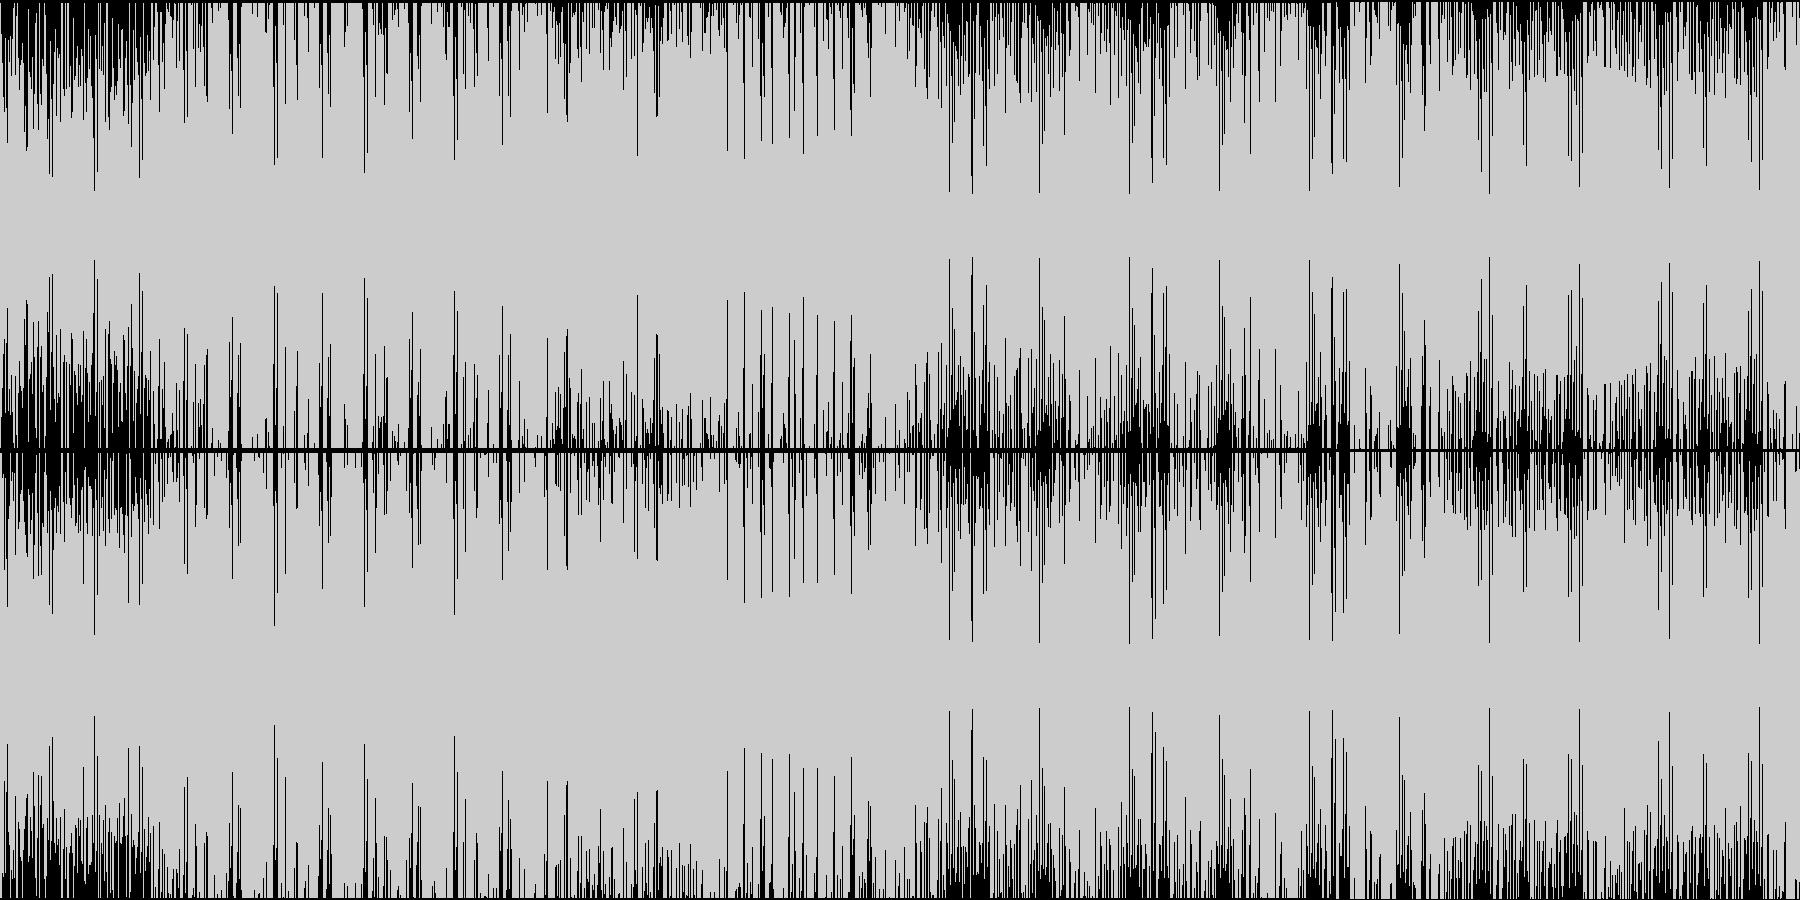 ビッグバンドジャズ風ドラムンベースループの未再生の波形